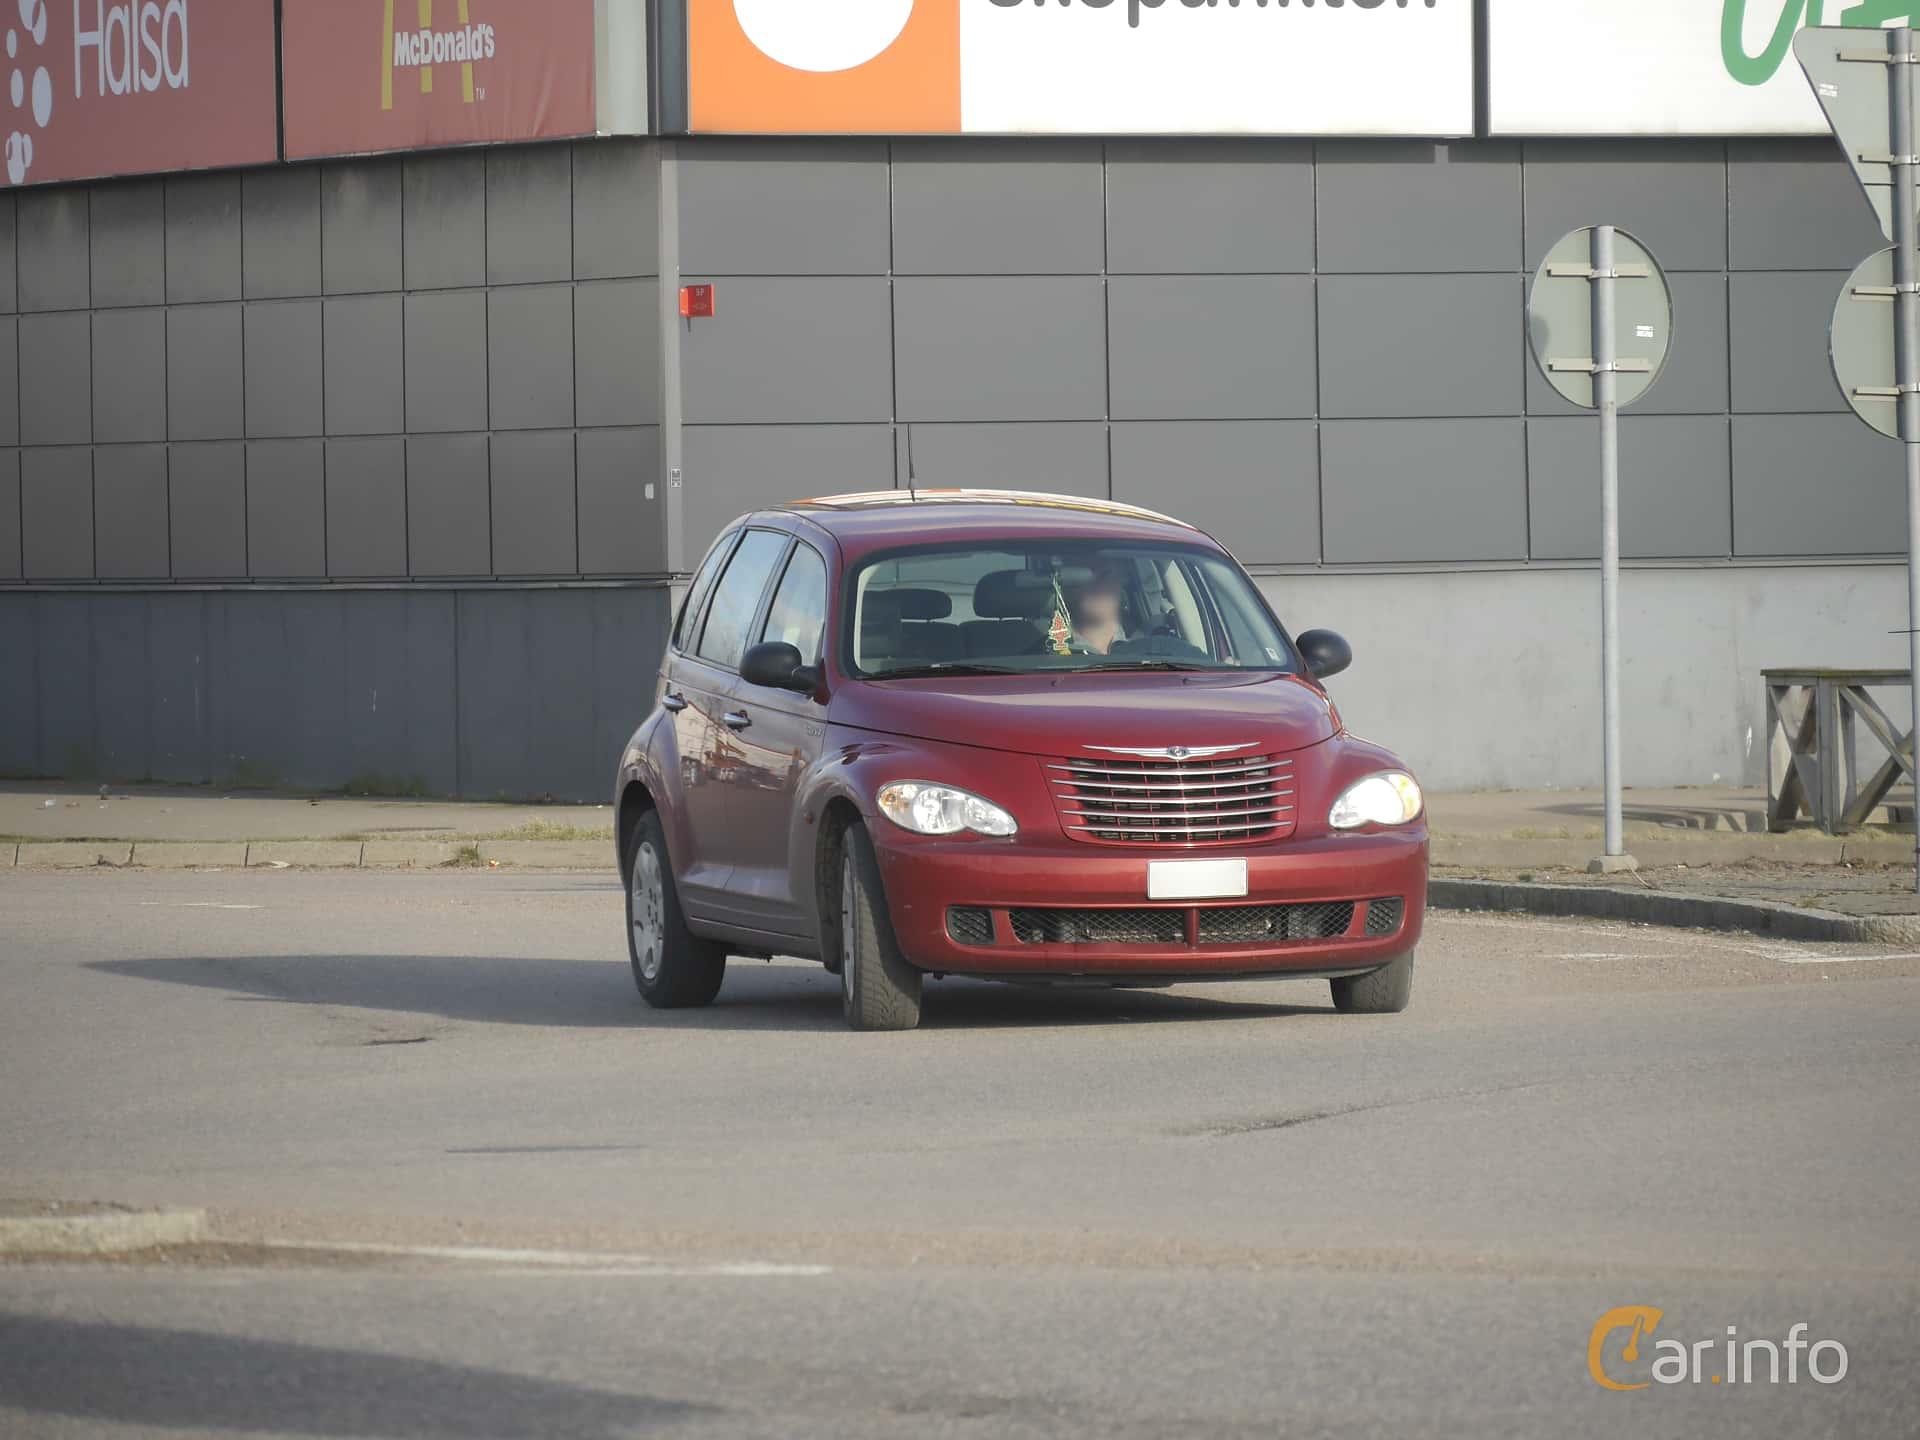 Chrysler Pt Cruiser 1st Generation Facelift 2 4 Manual 5 Speed